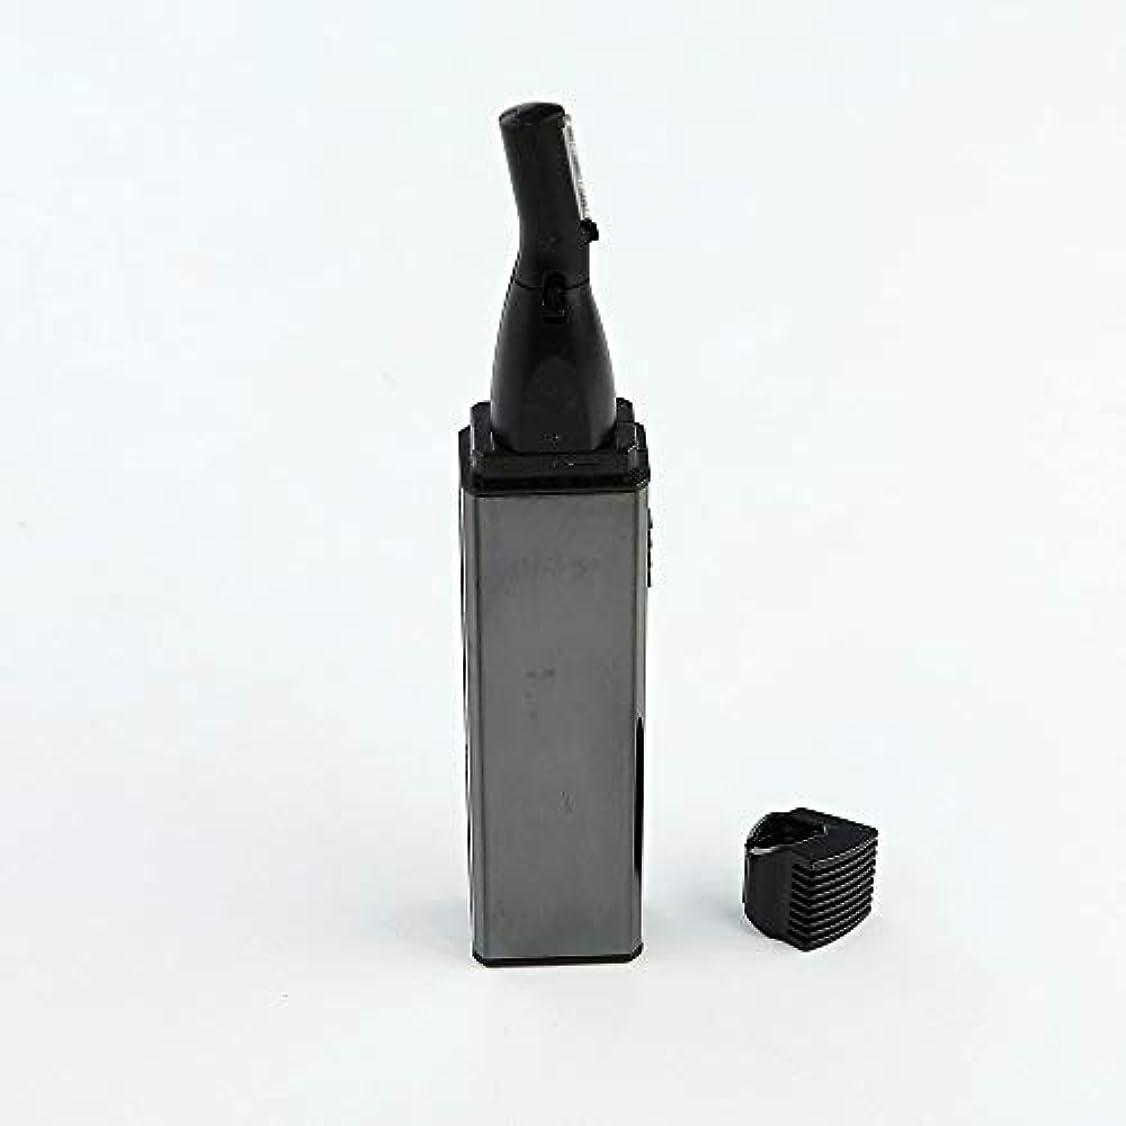 習熟度うまれた主要なプロフェッショナルノーズヘアトリマー、イヤートリマーフェイシャルヘアトリマー4 in 1充電式ノーズ&イヤーヘアビアトリマーキット